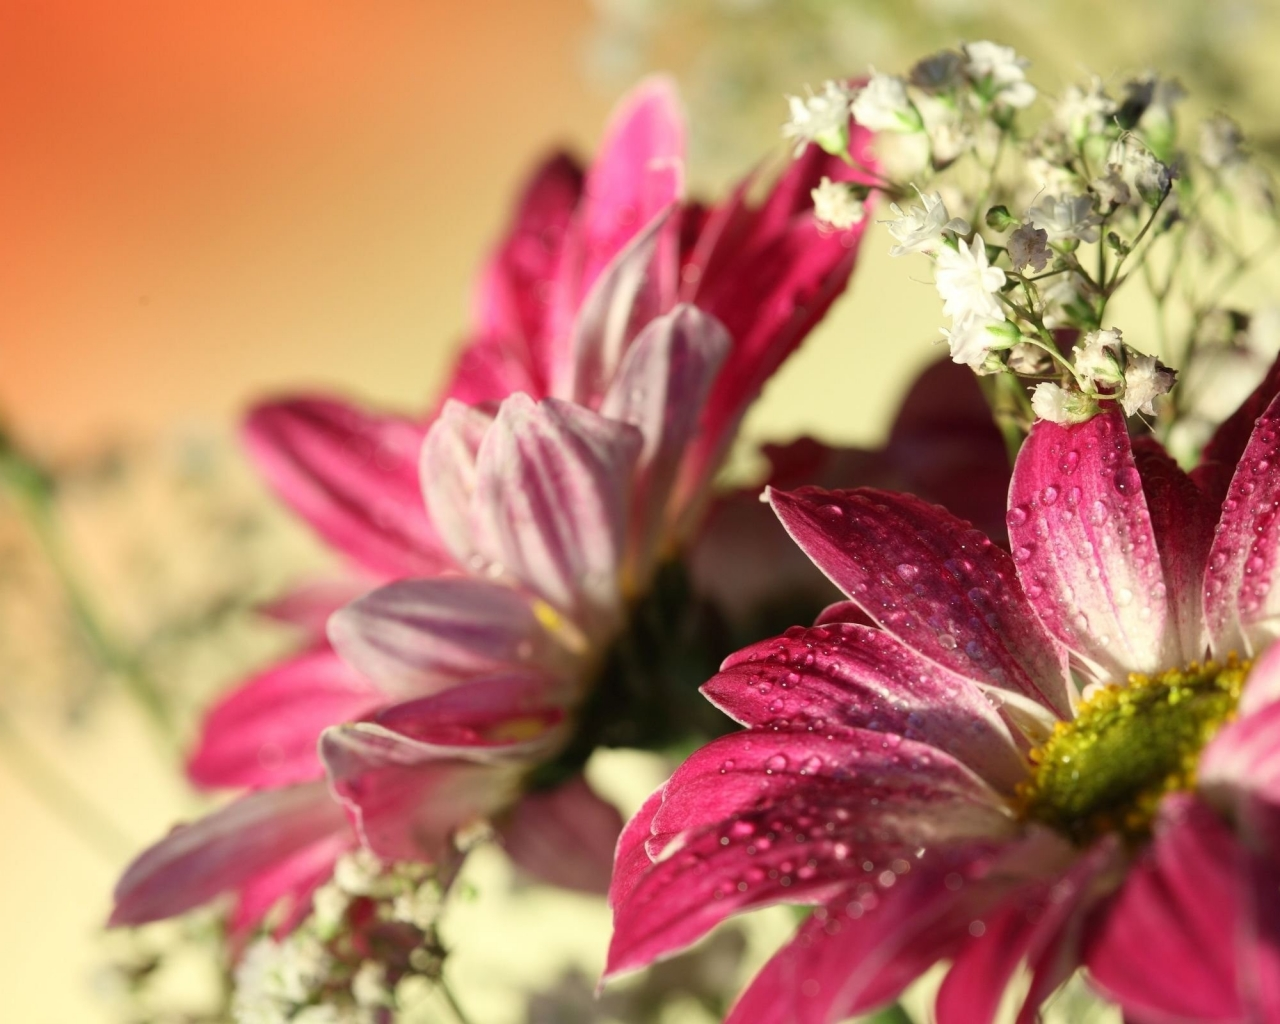 Flores con lente macro - 1280x1024